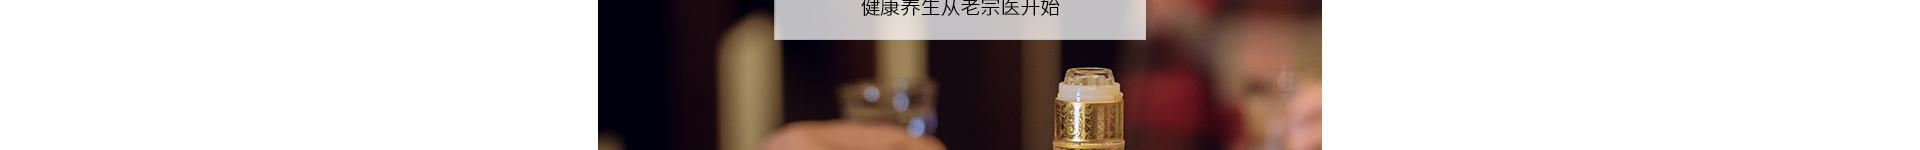 老宗医-吃酒有方-58